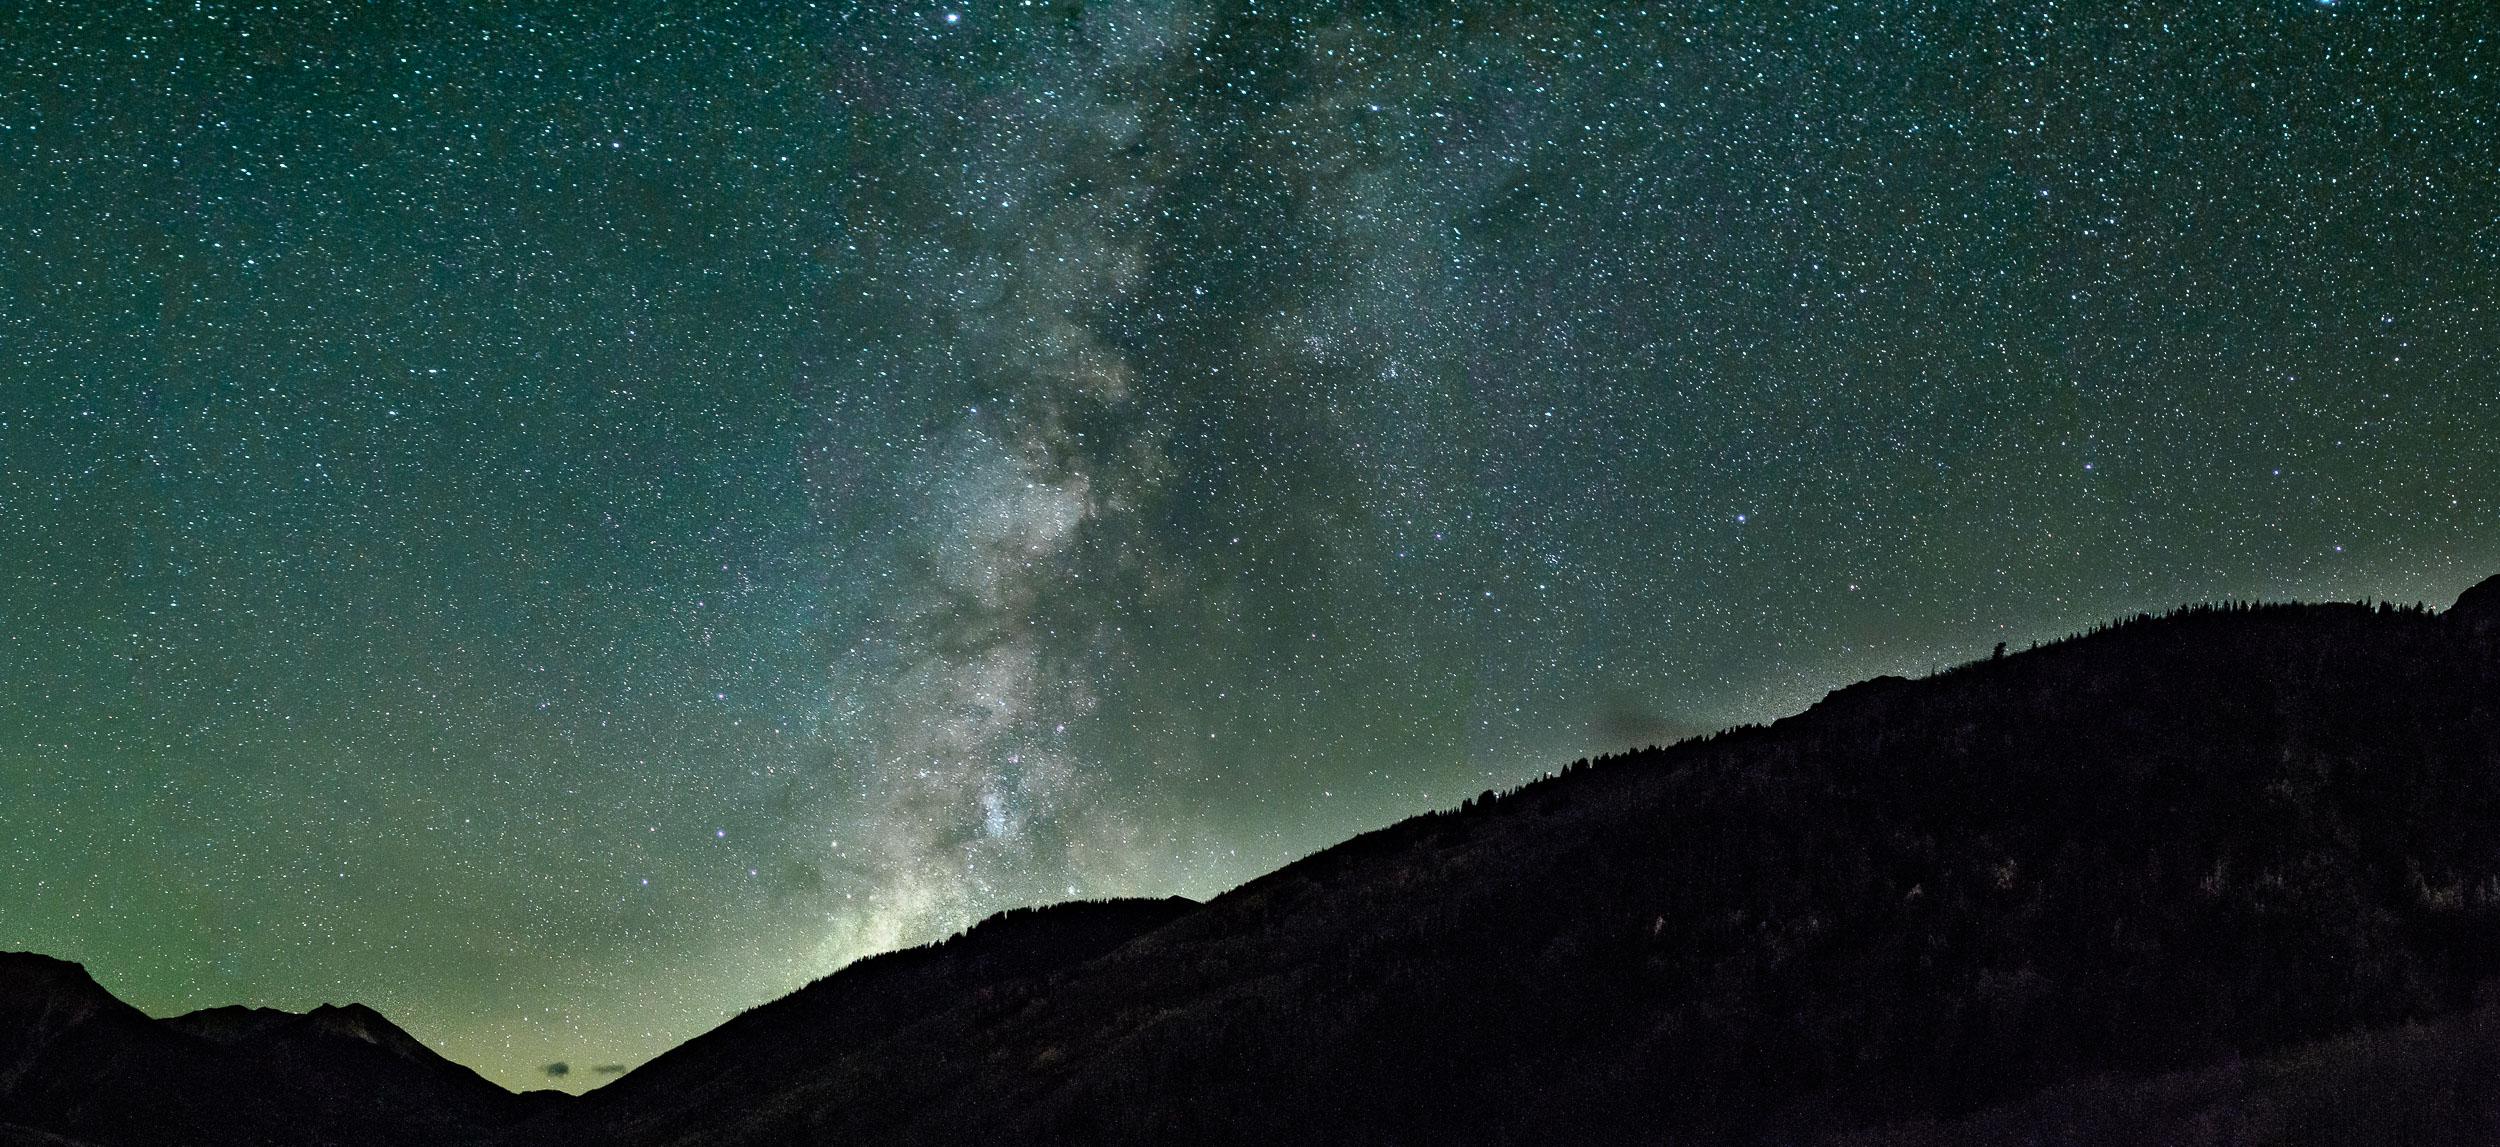 Milky Way at Crystal Lake